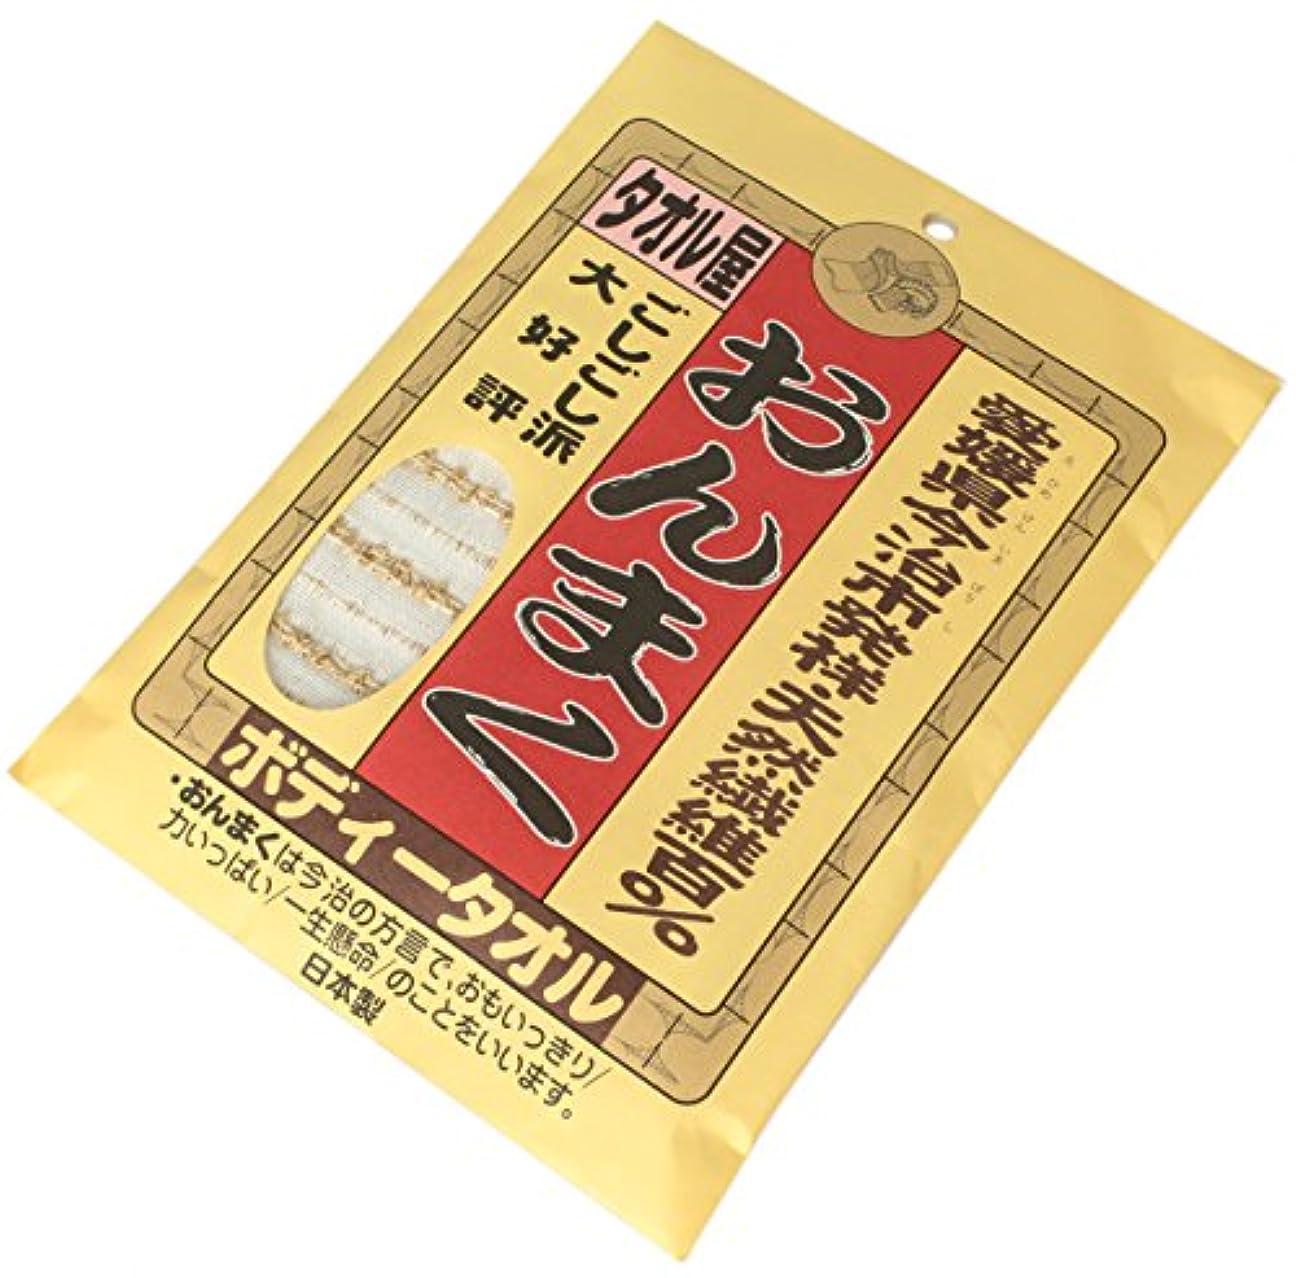 破壊的簡潔な大人今治タオル ボディタオル 日本製 ハード おんまく